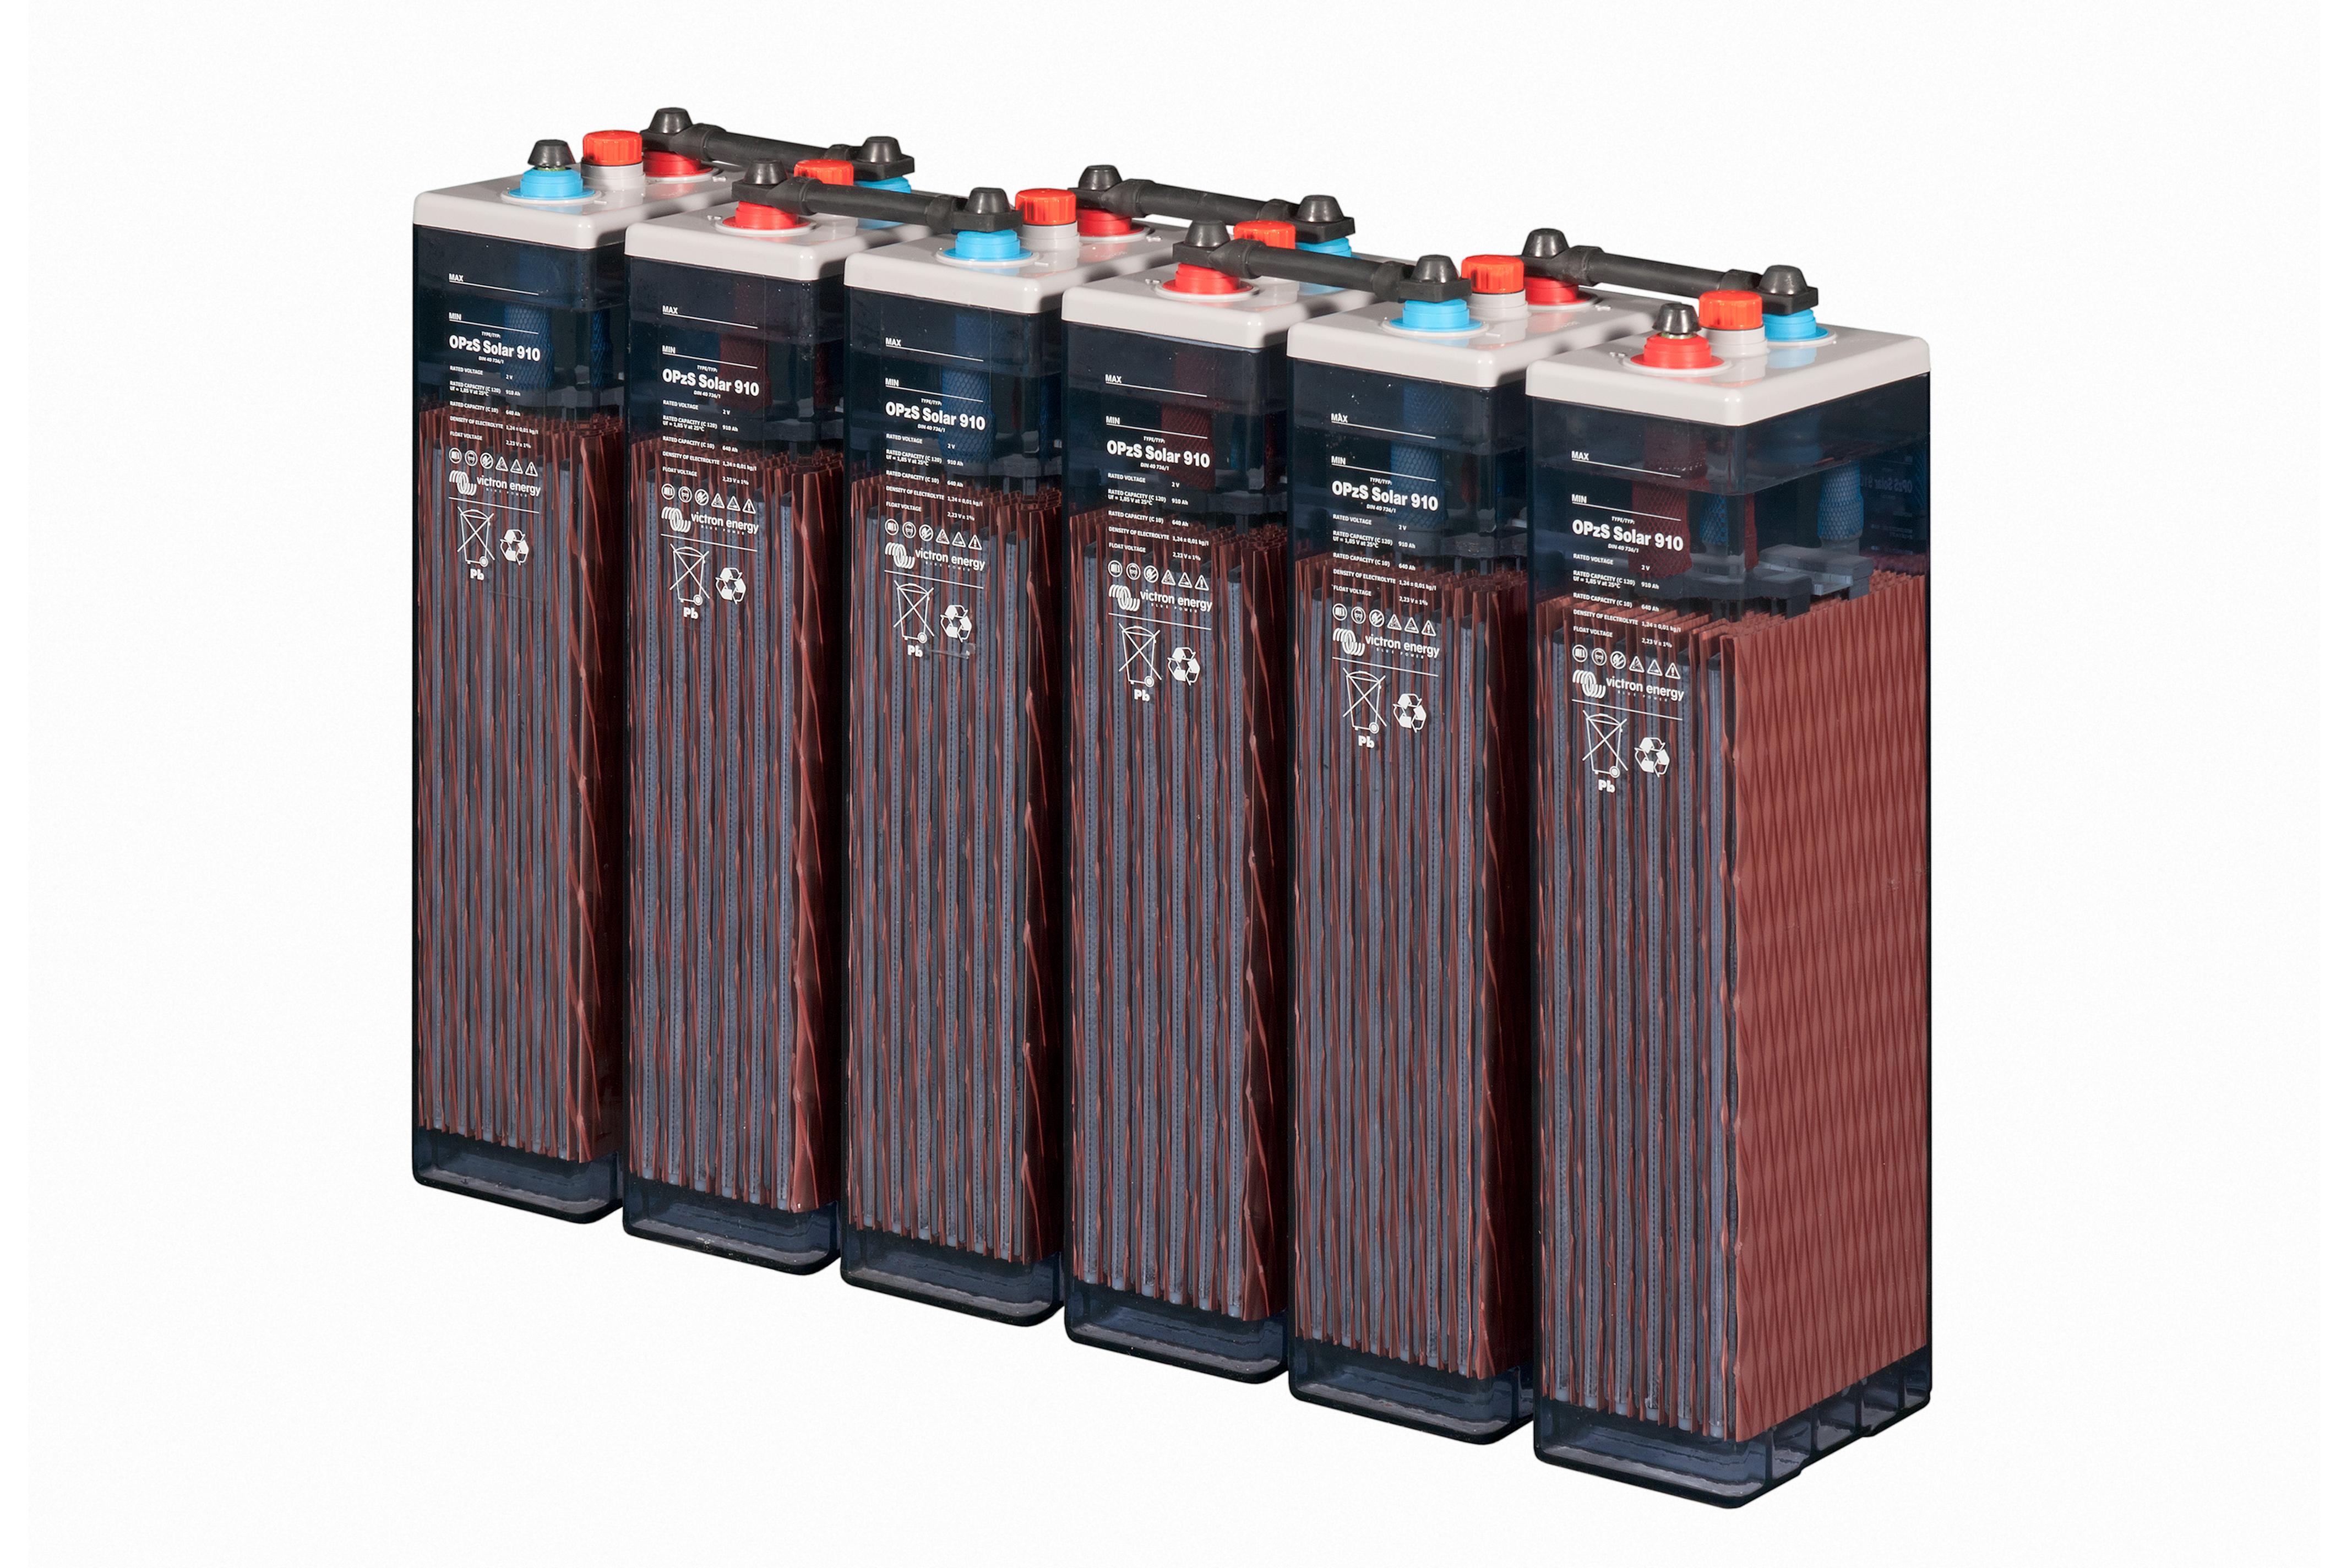 Baterias solar opzs gel agm 2v 6v 12v precios baterias for Baterias de placas solares